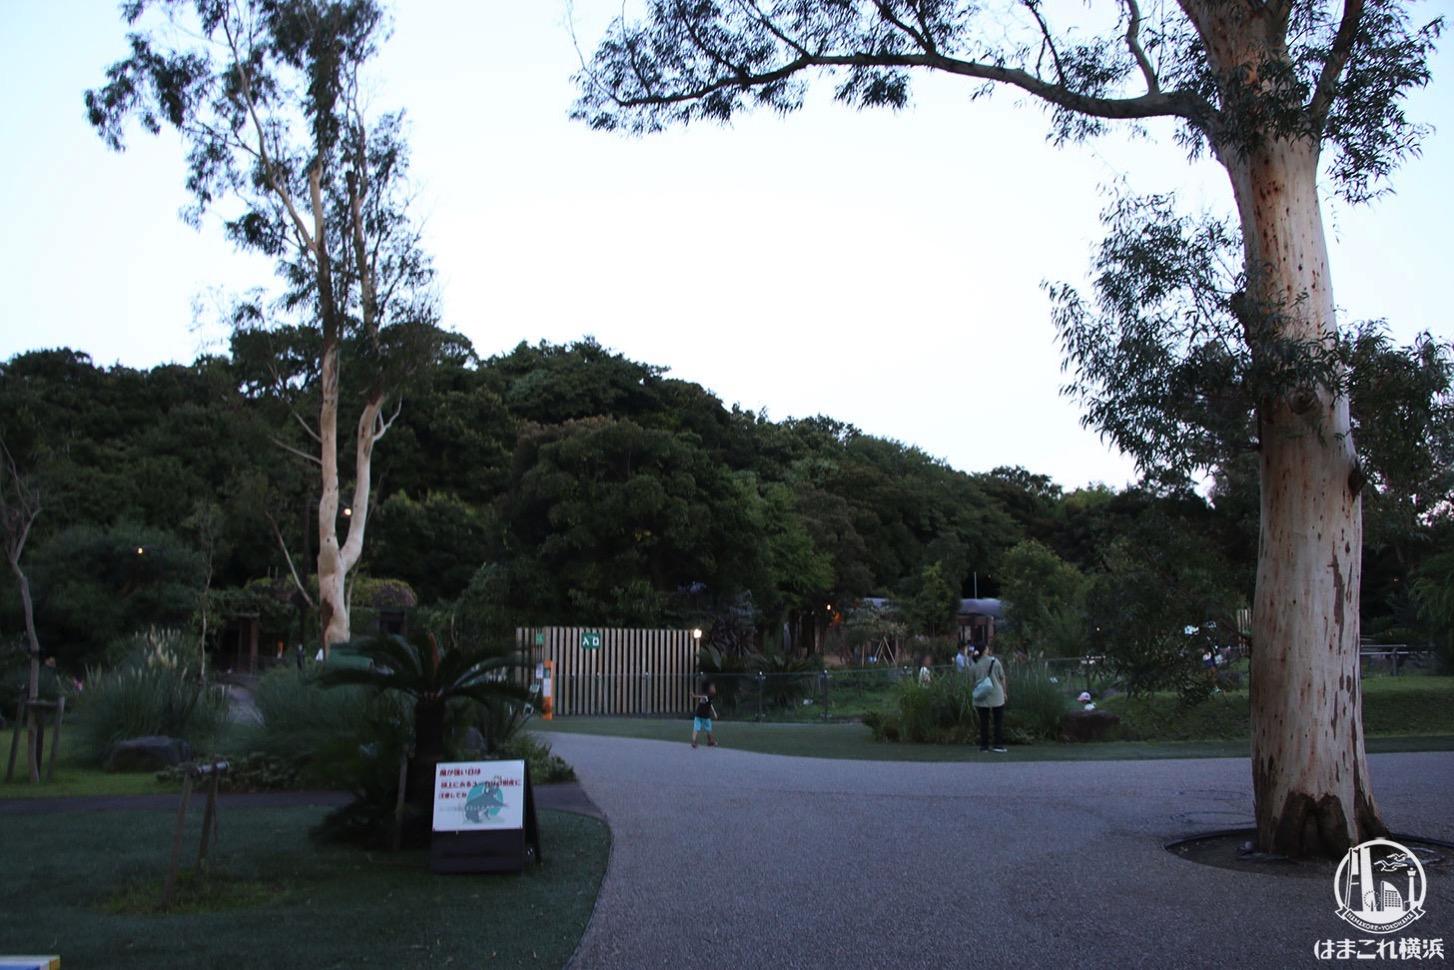 金沢動物園 夕暮れの雰囲気